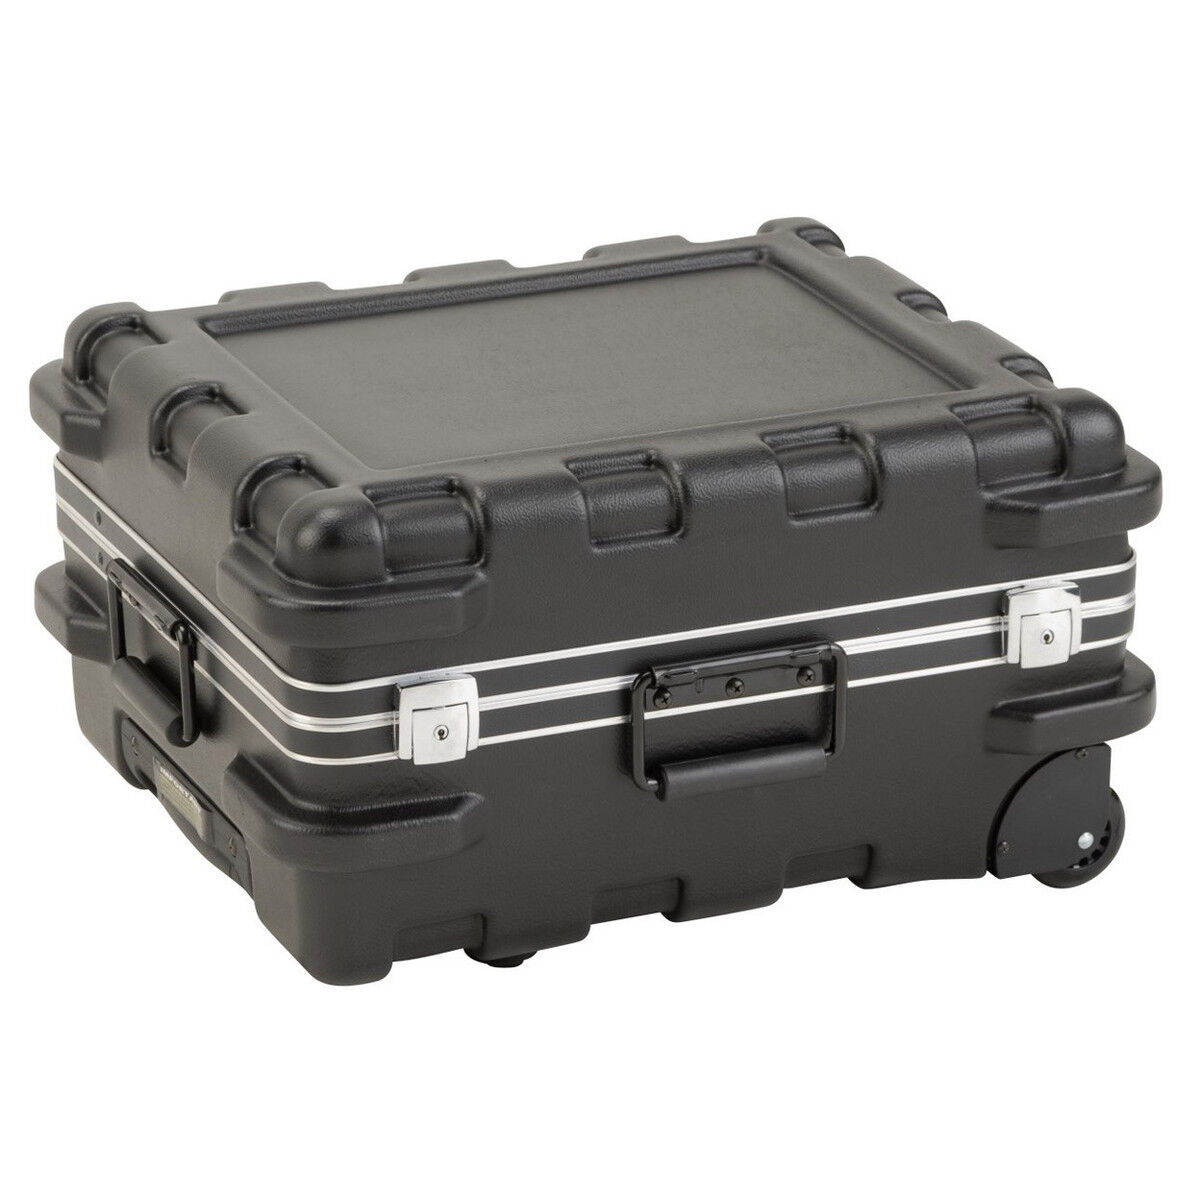 transporte equipamento dj